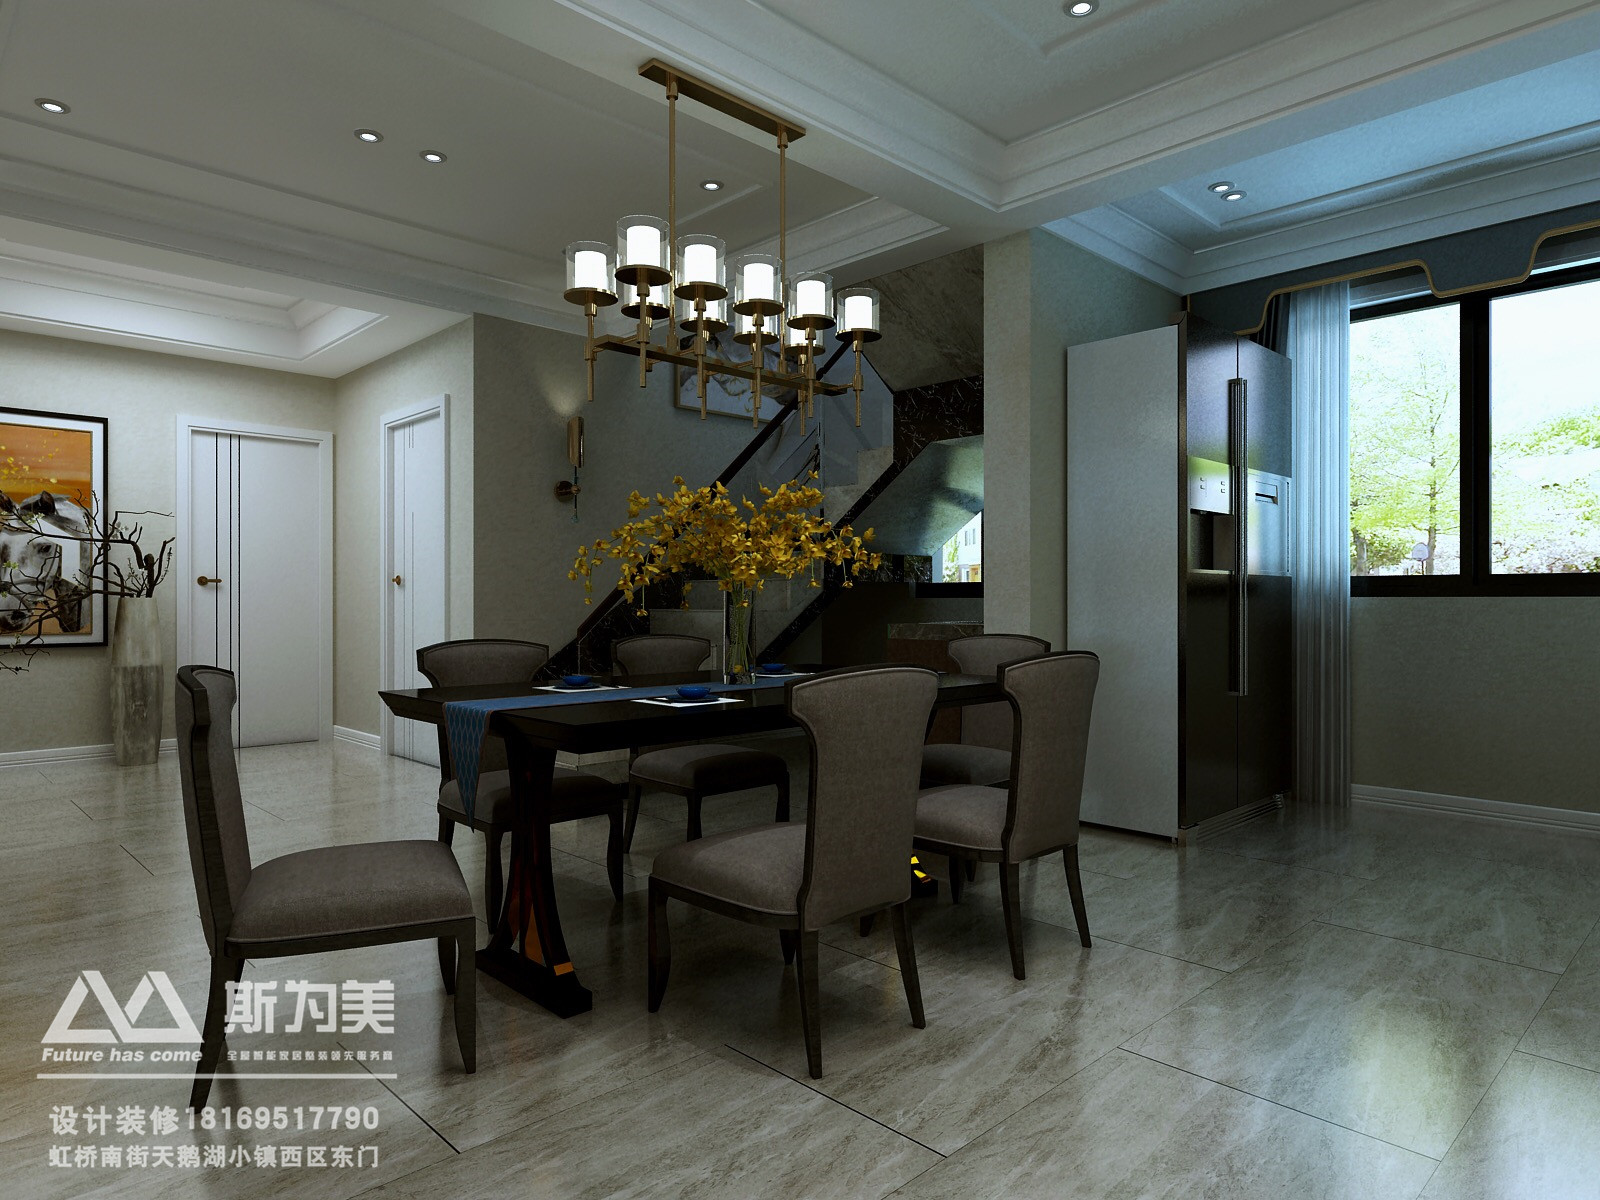 客厅 卧室 餐厅 别墅图片来自银川斯为美装饰在银川中瀛御景设计案例的分享